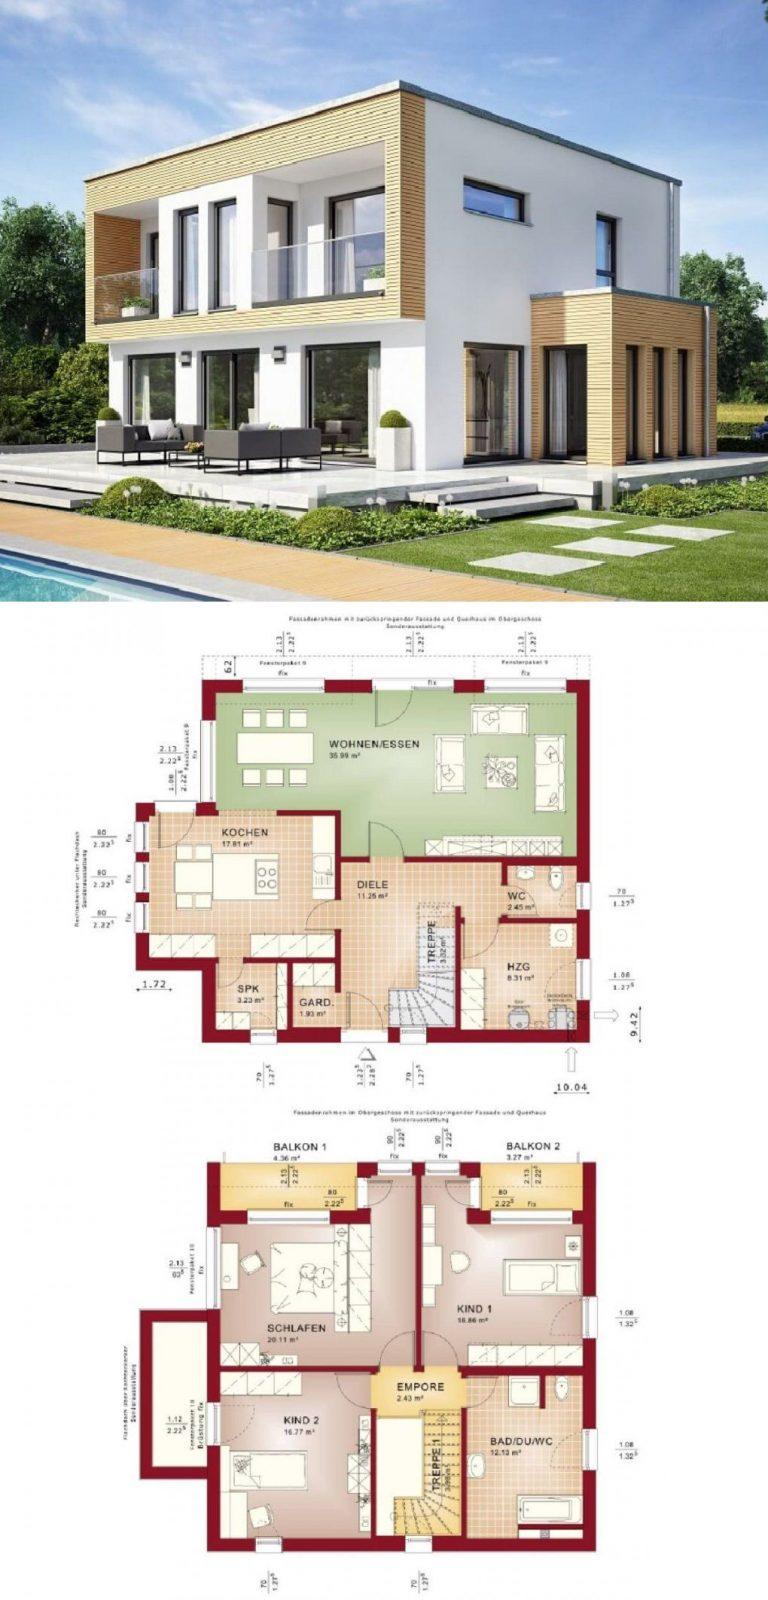 Bauhaus Stadtvilla Modern Mit Flachdach Und Erker Anbau von Bien Zenker Evolution 154 Bild